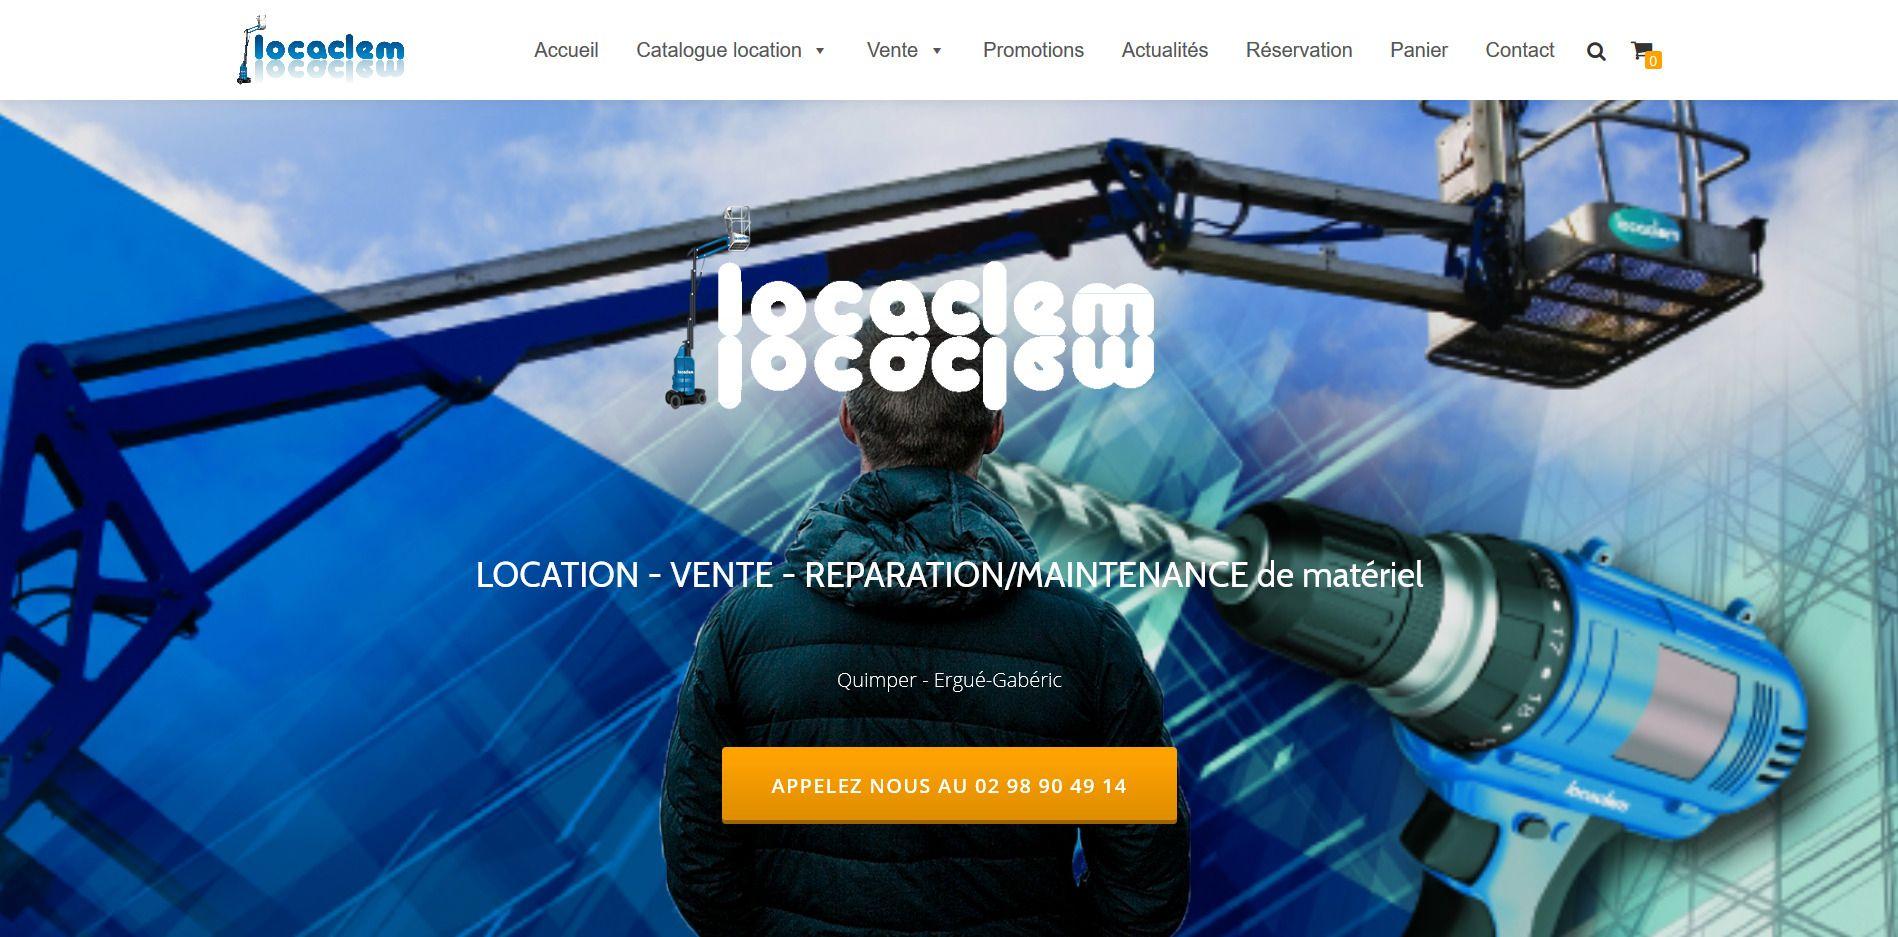 83b75978b69 Site catalogue avec réservation en ligne. Création et référencement ...